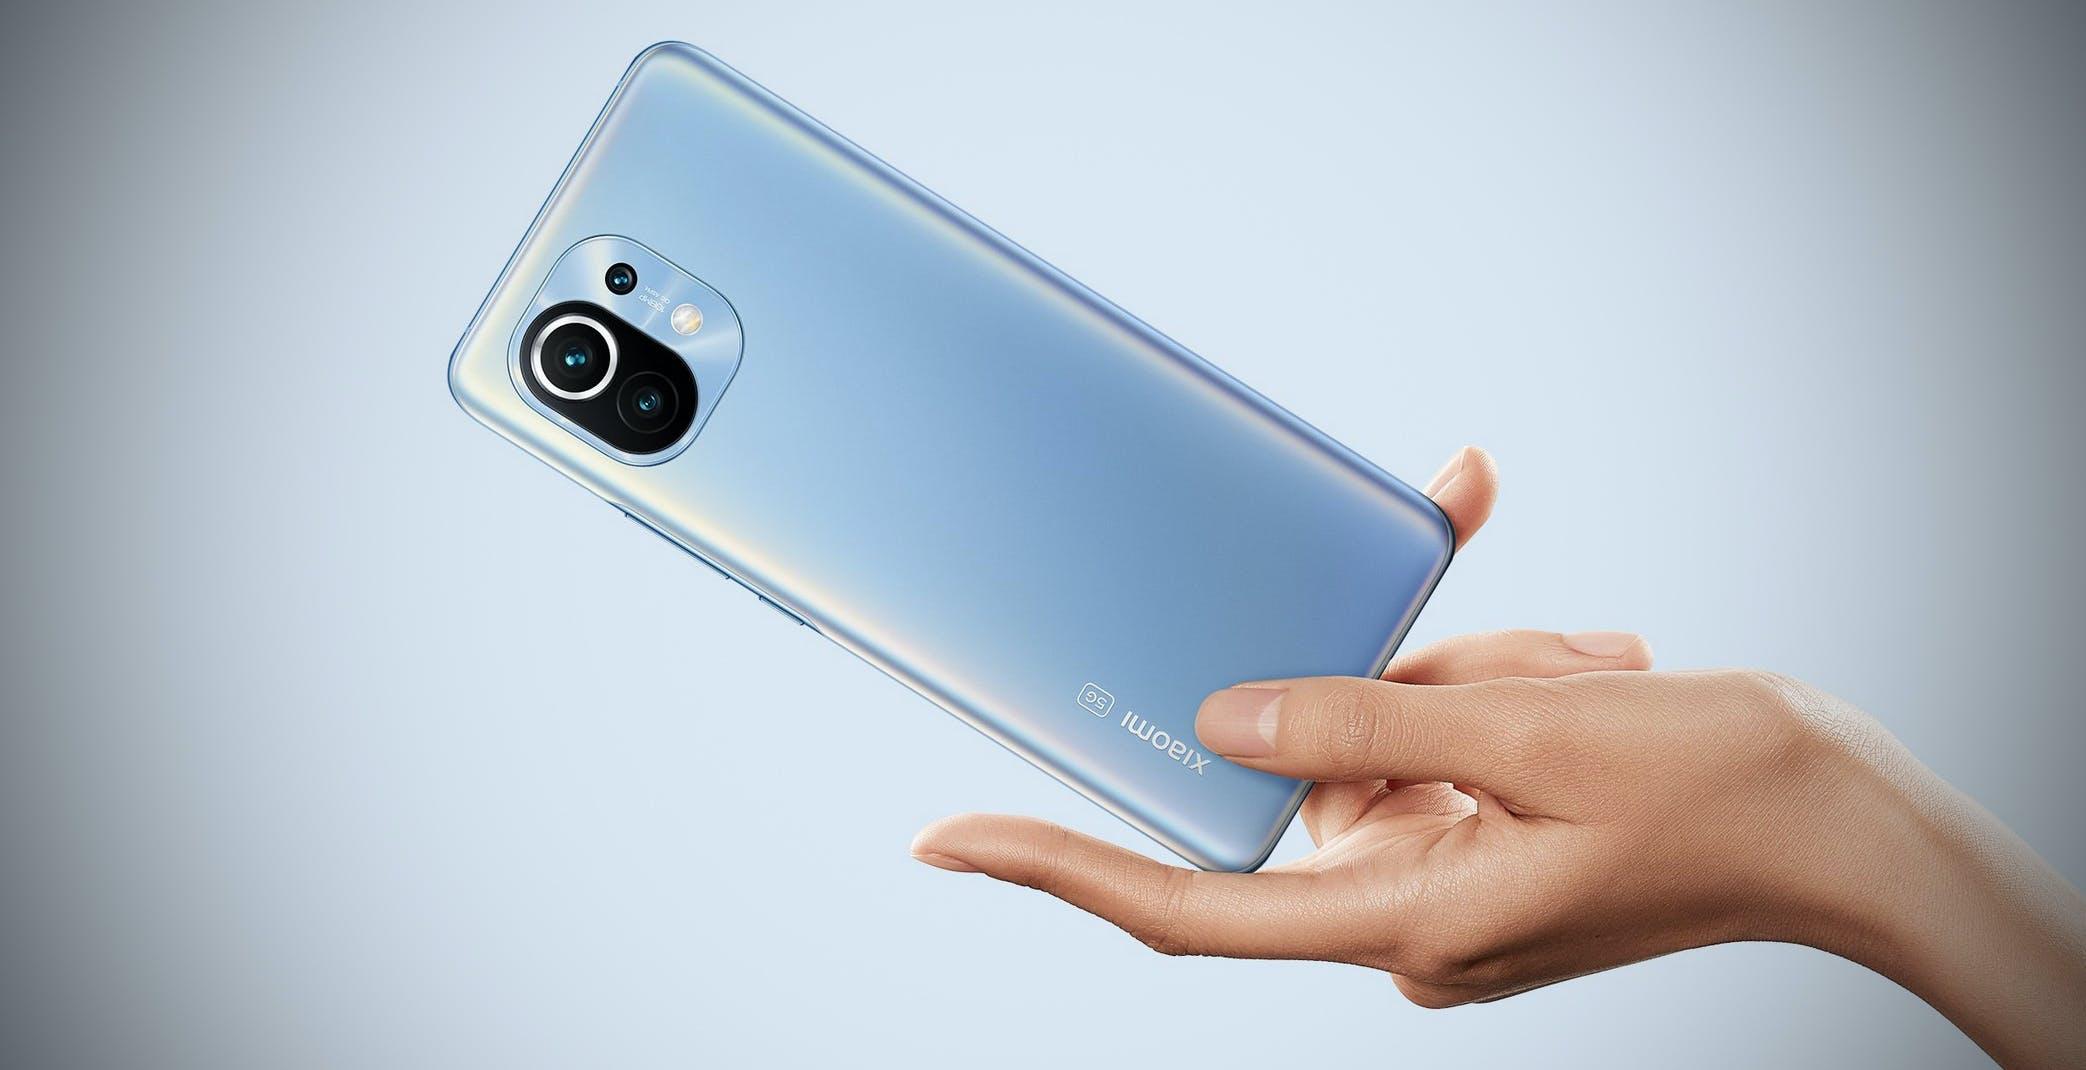 Xiaomi non sarà più nella lista nera degli USA. Il Distretto di Colombia le dà ragione e bacchetta il Dipartimento della Difesa